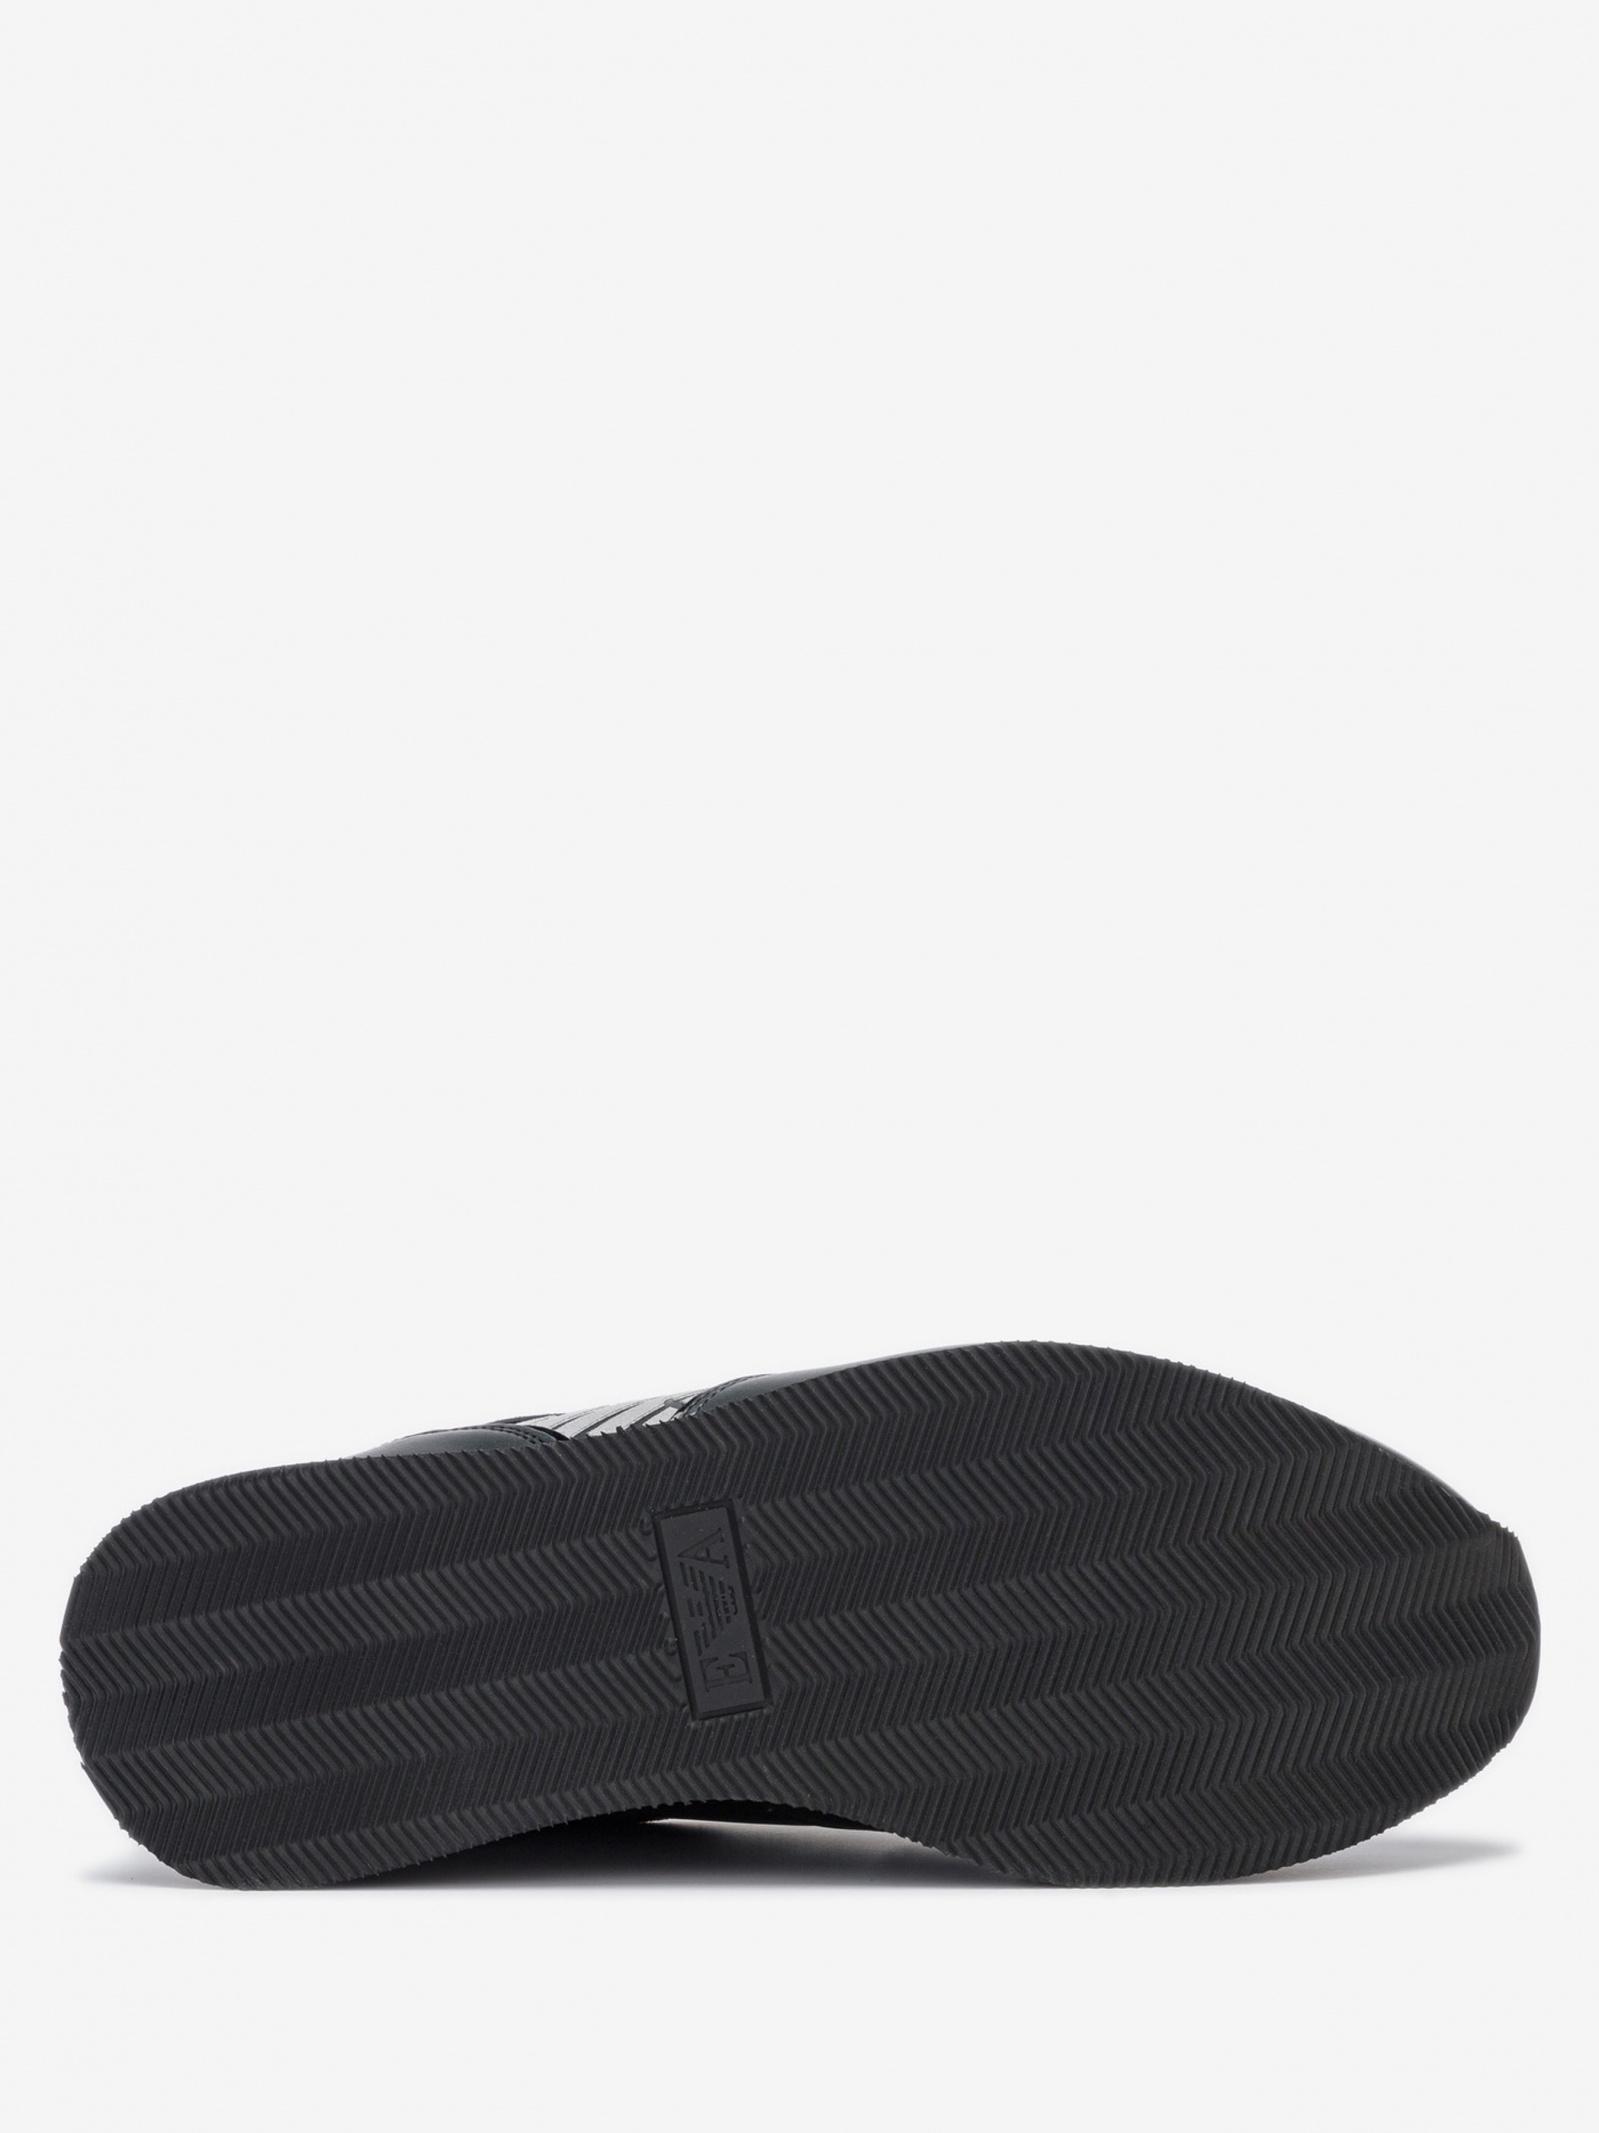 Кроссовки для женщин Emporio Armani 5R162 купить обувь, 2017